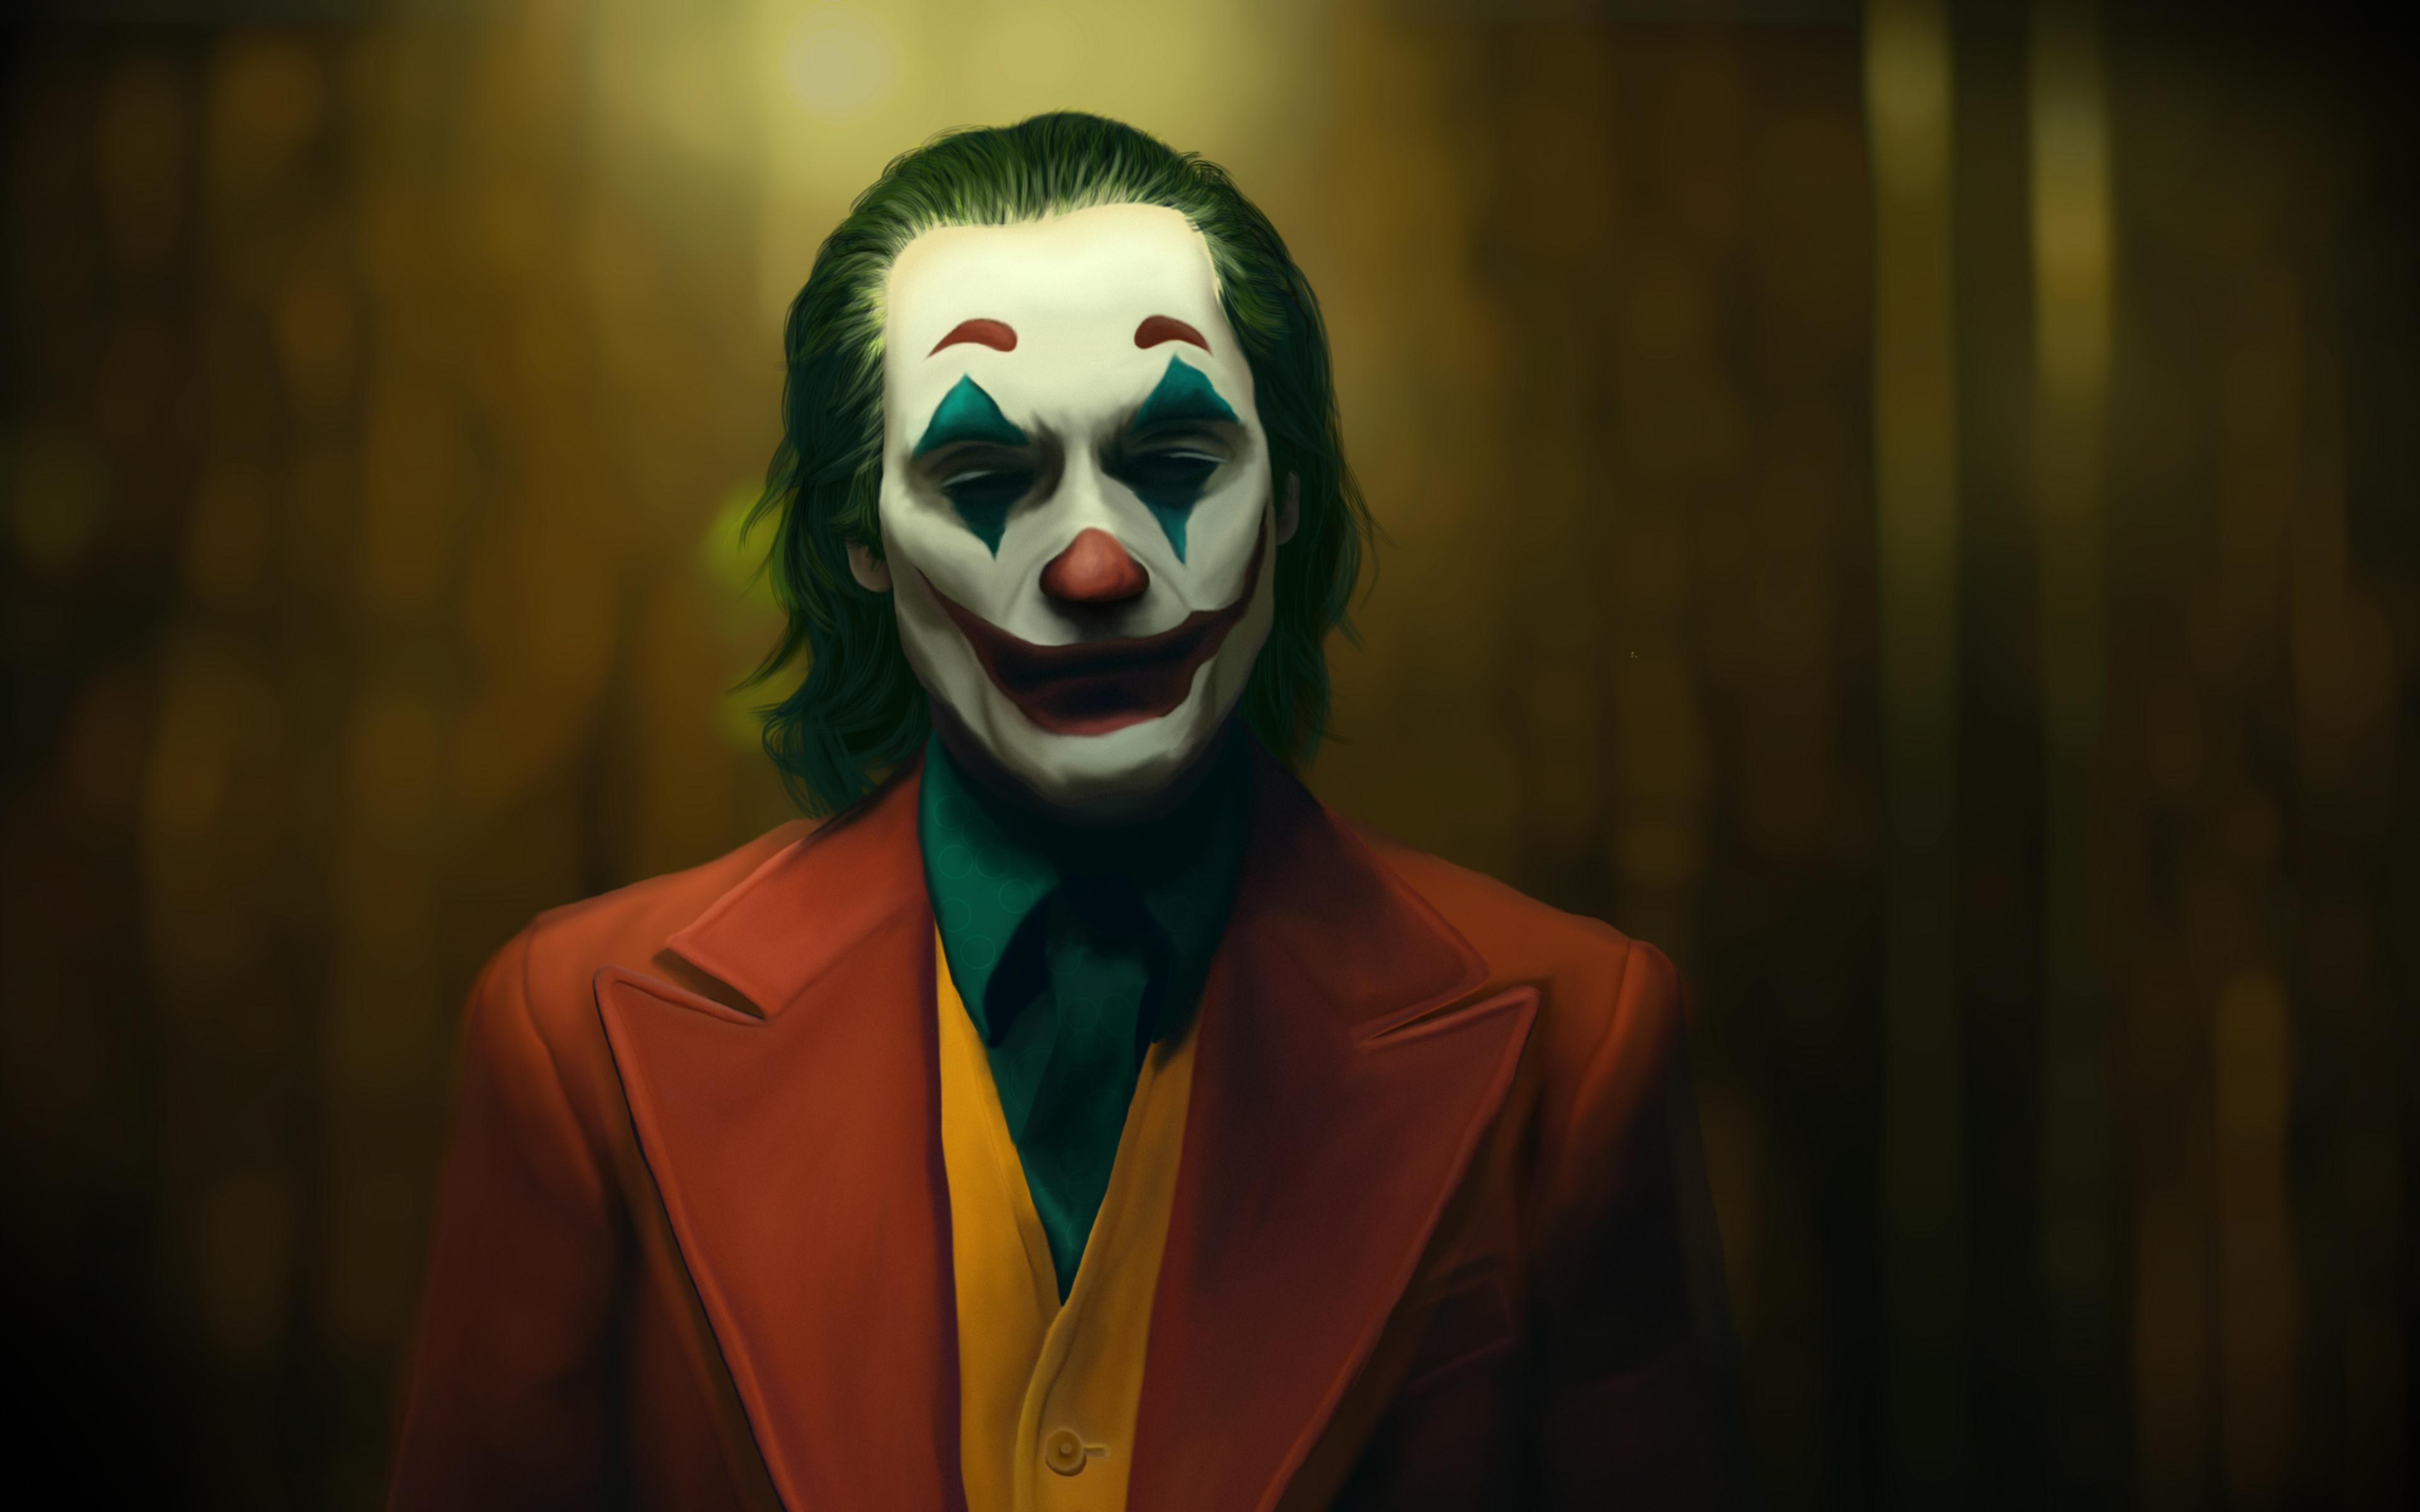 Joker 4k Ultra Hd Wallpaper Background Image 3840x2400